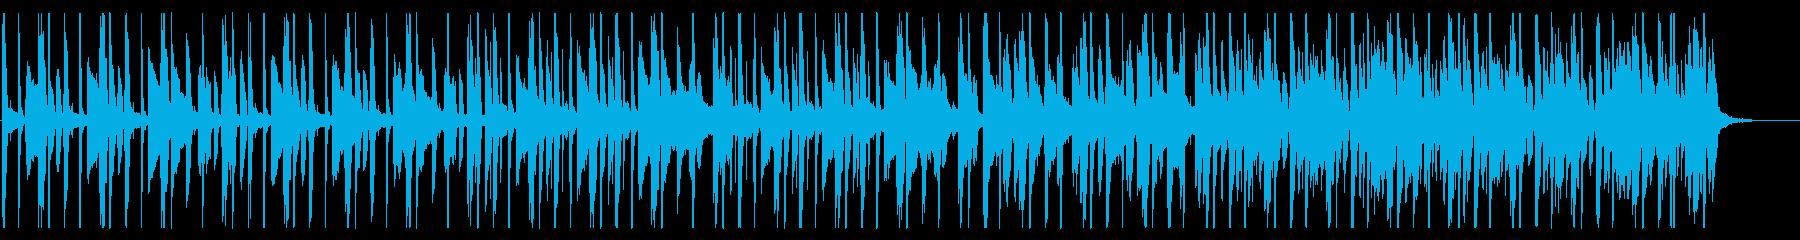 優しさ/浮遊感/R&B_No467_2の再生済みの波形